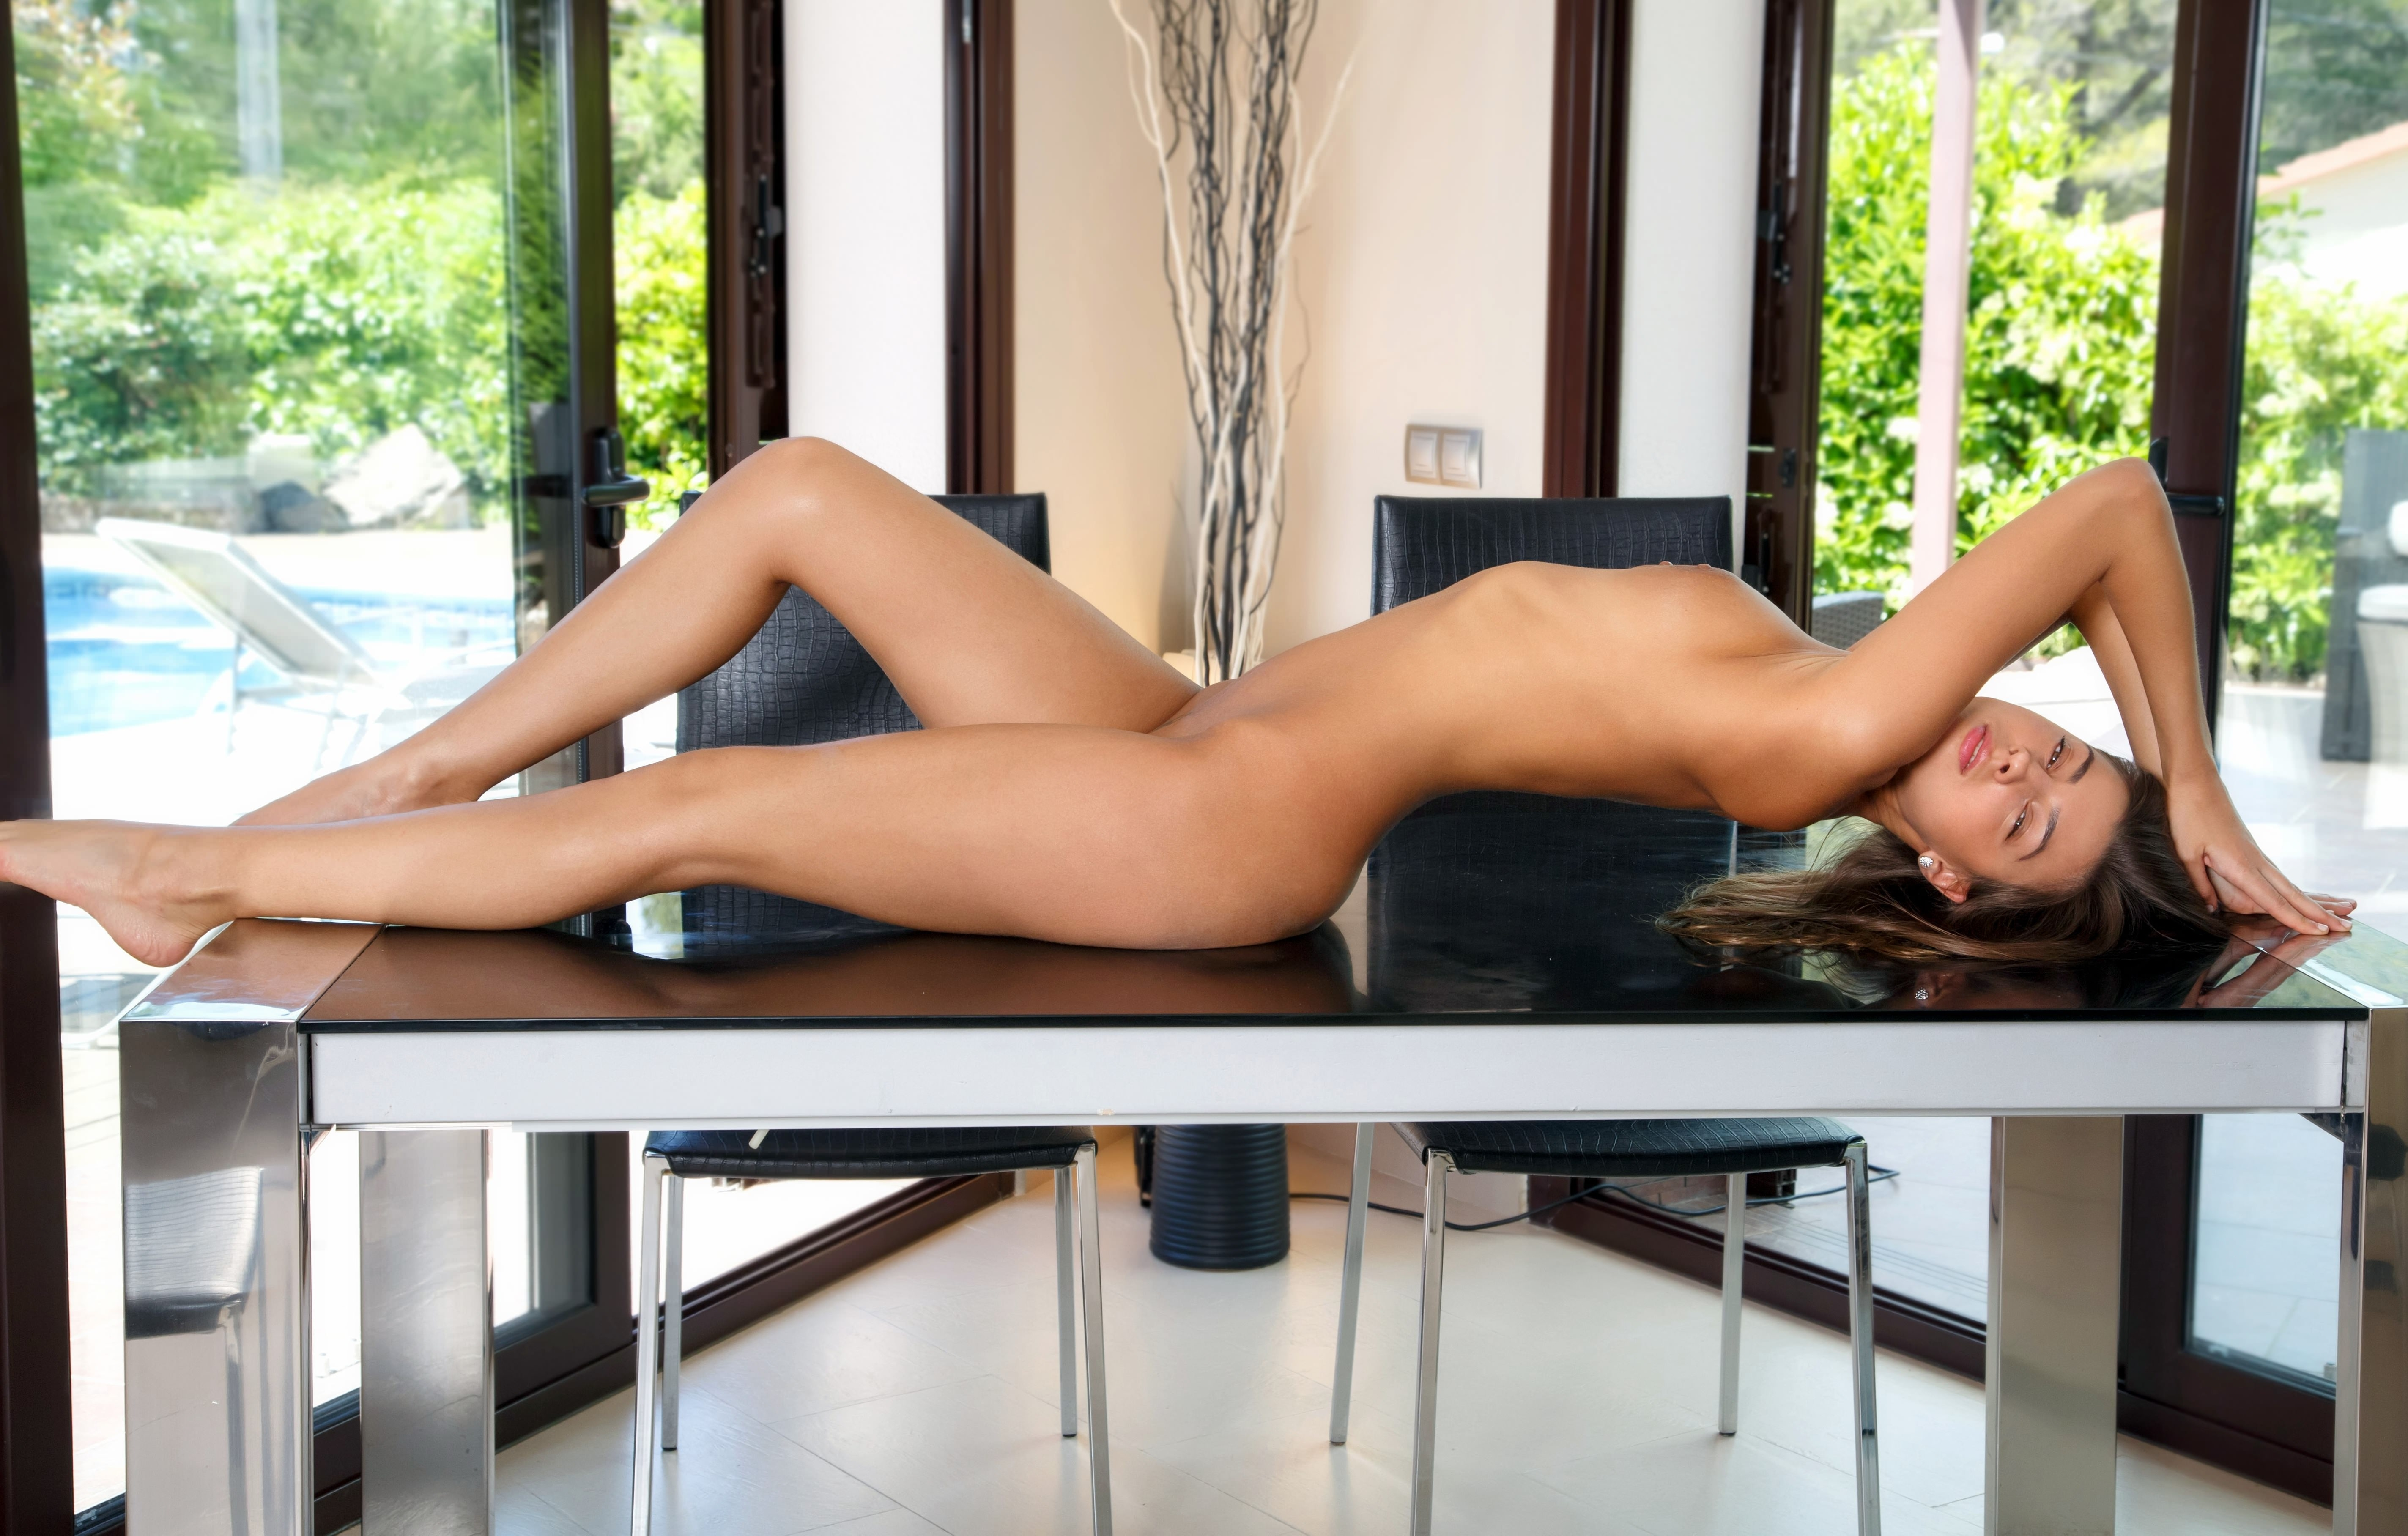 Фото Голая девушка позирует на кухонном столе, сексуальное вытянулась в струнку, скачать картинку бесплатно